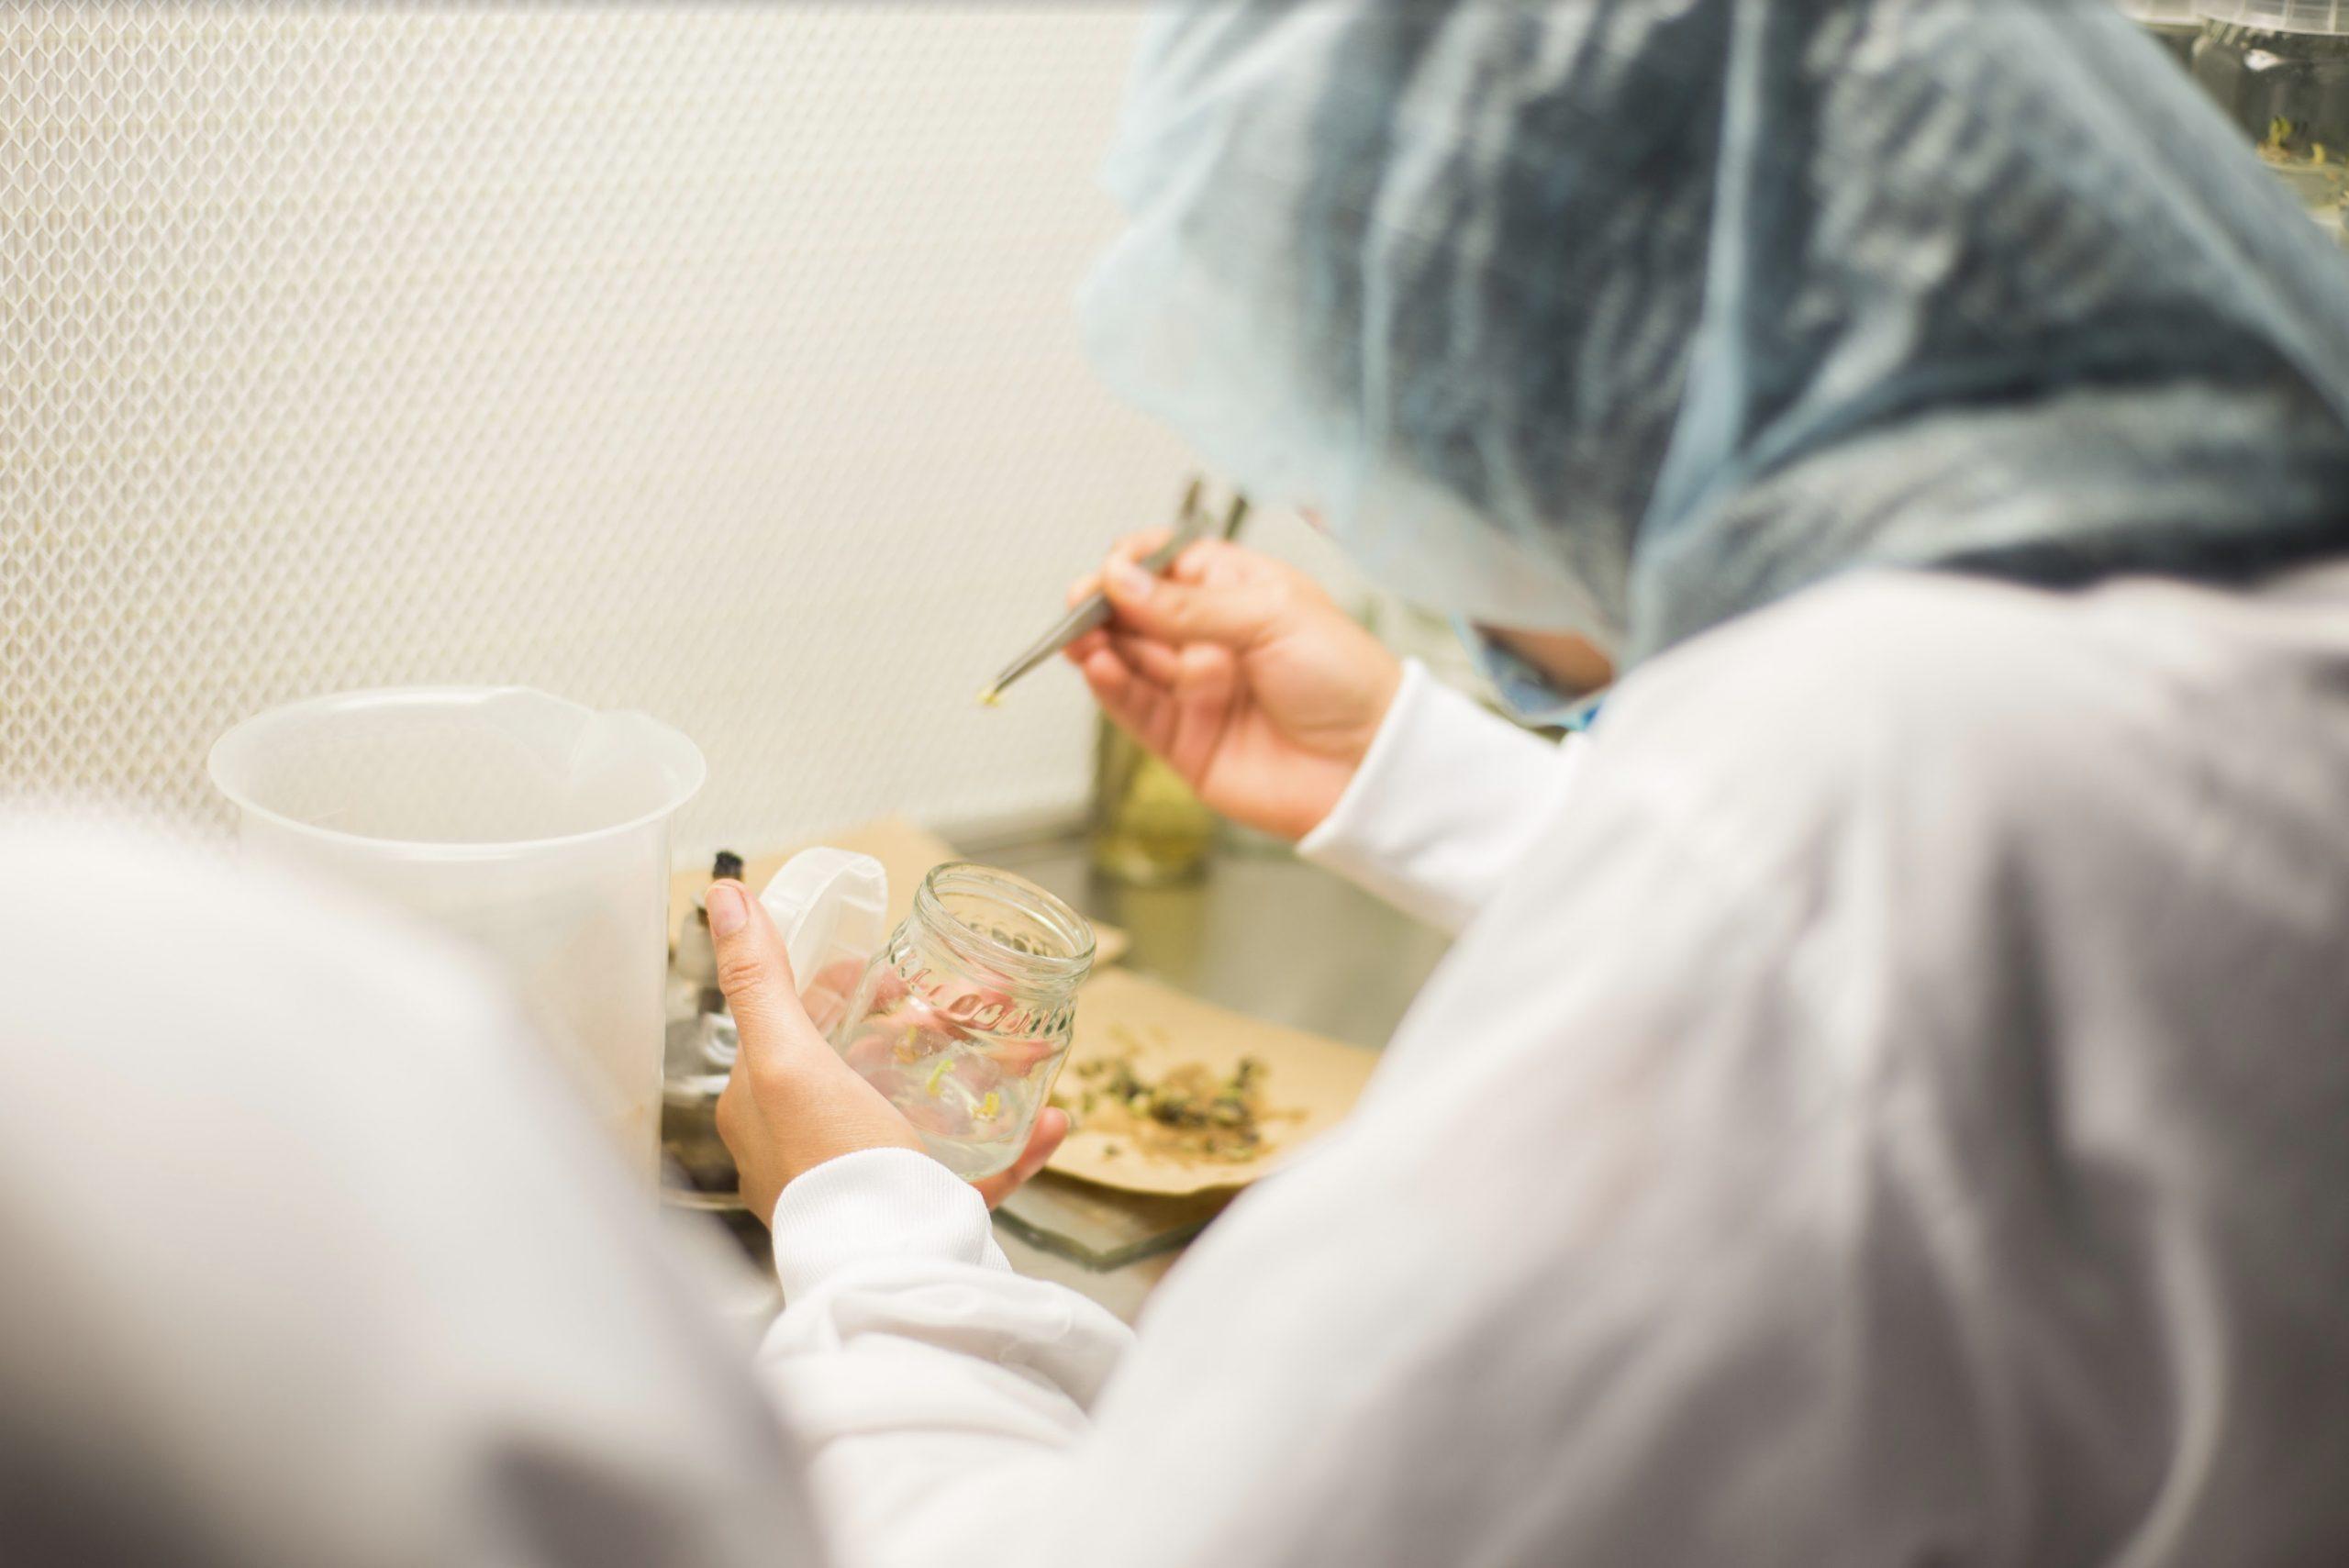 Laboratorio de Biotecnología Vegetal